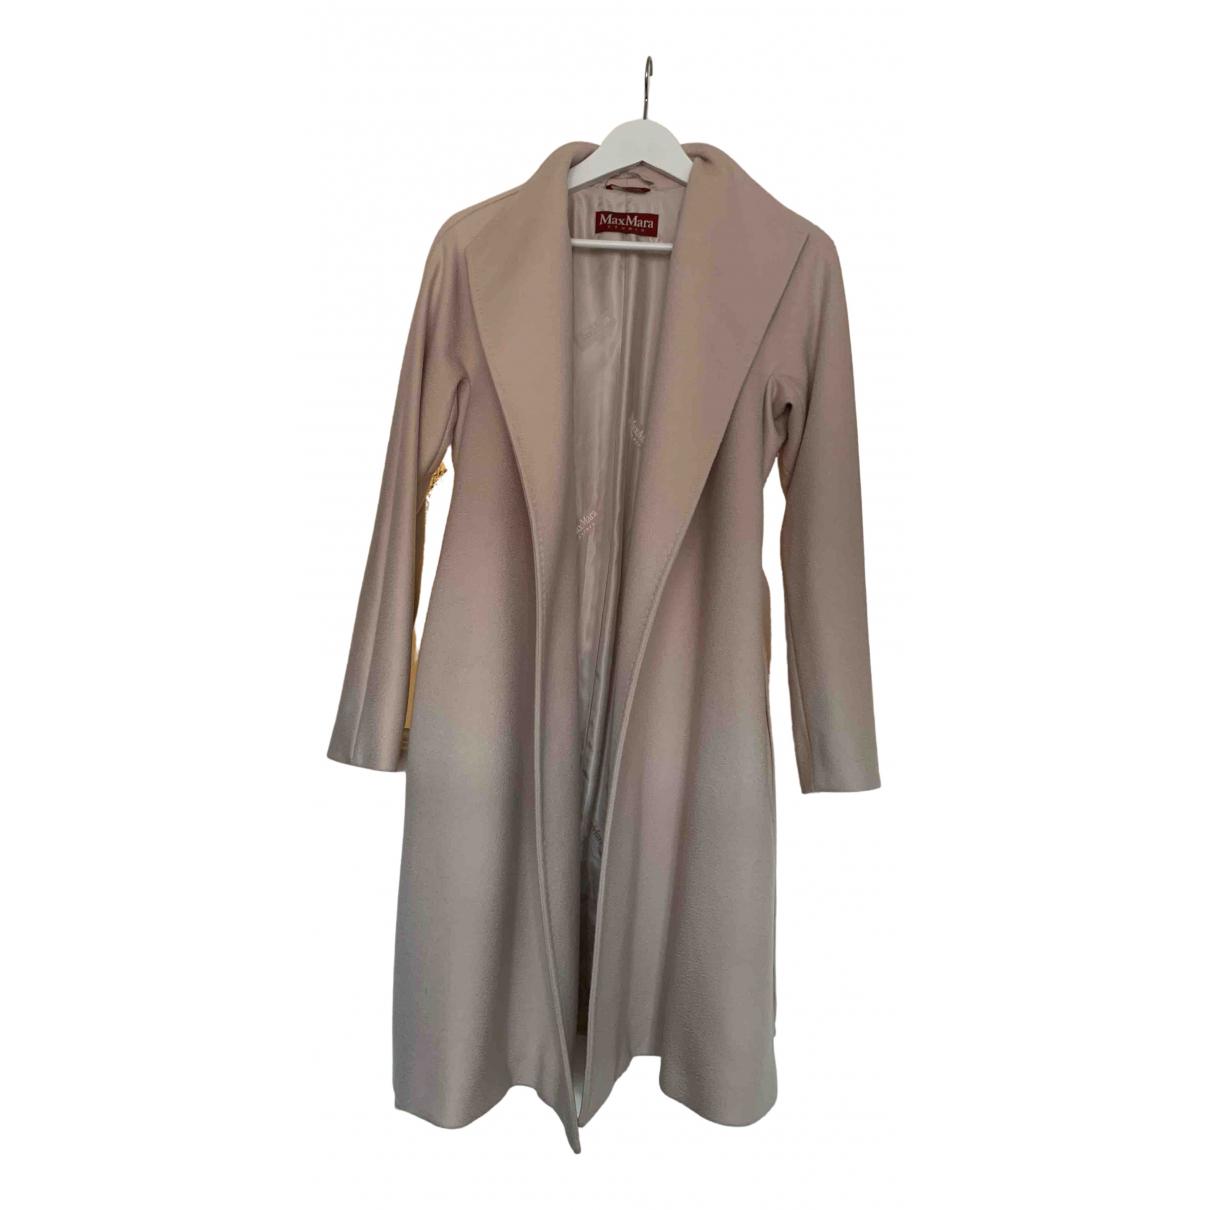 Max Mara Studio N Cashmere coat for Women 40 IT